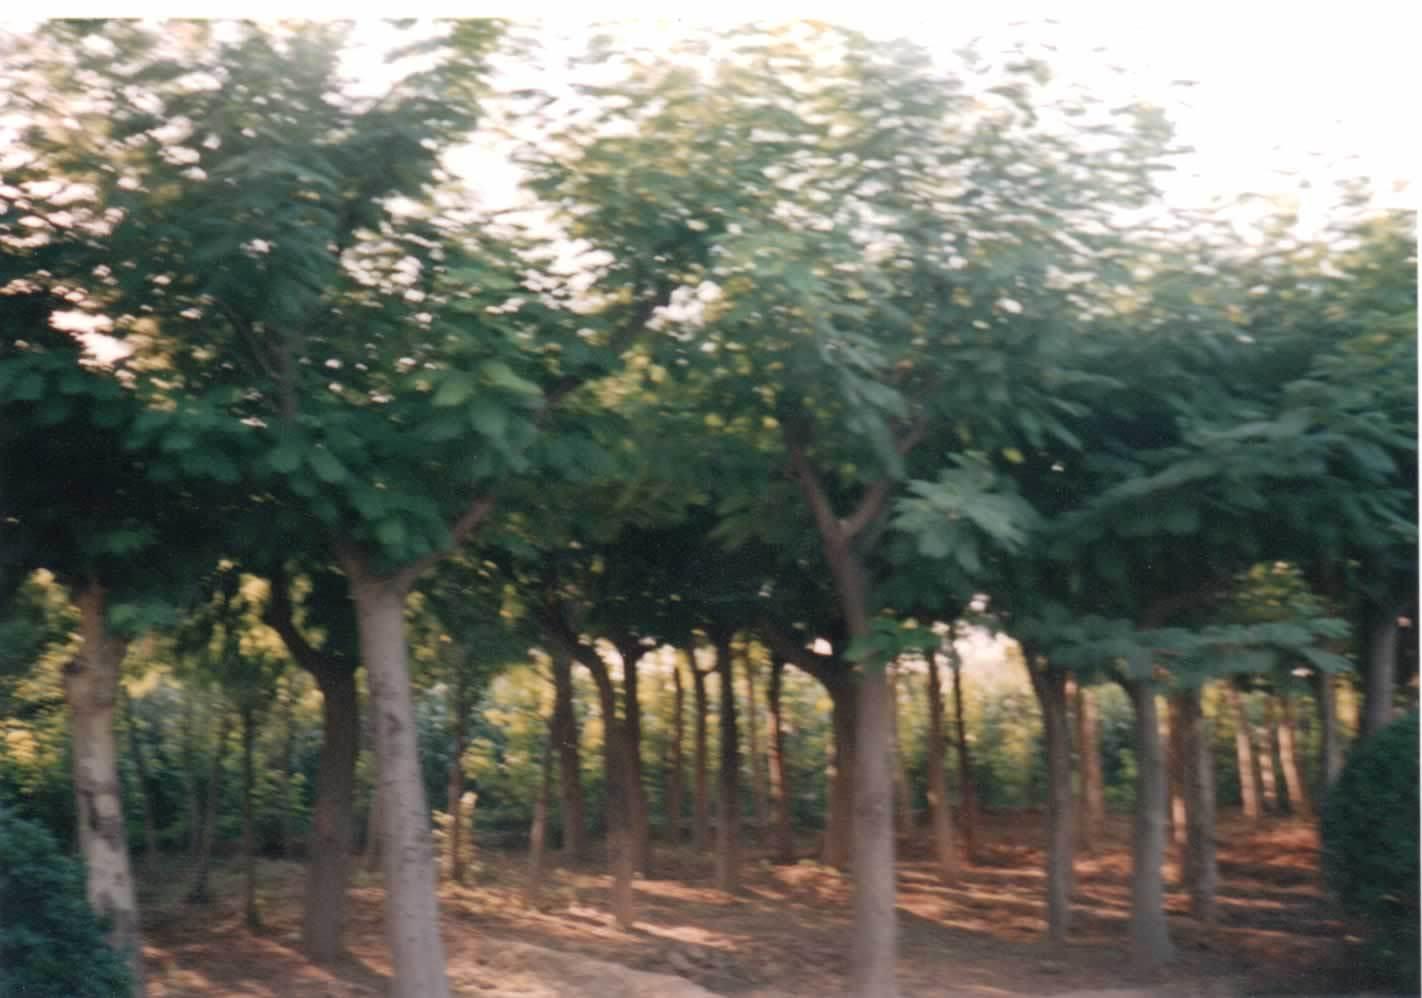 这与一般橘树嫁接的时间不同,如果是在3-5月期间进行,枳苗根系尚未